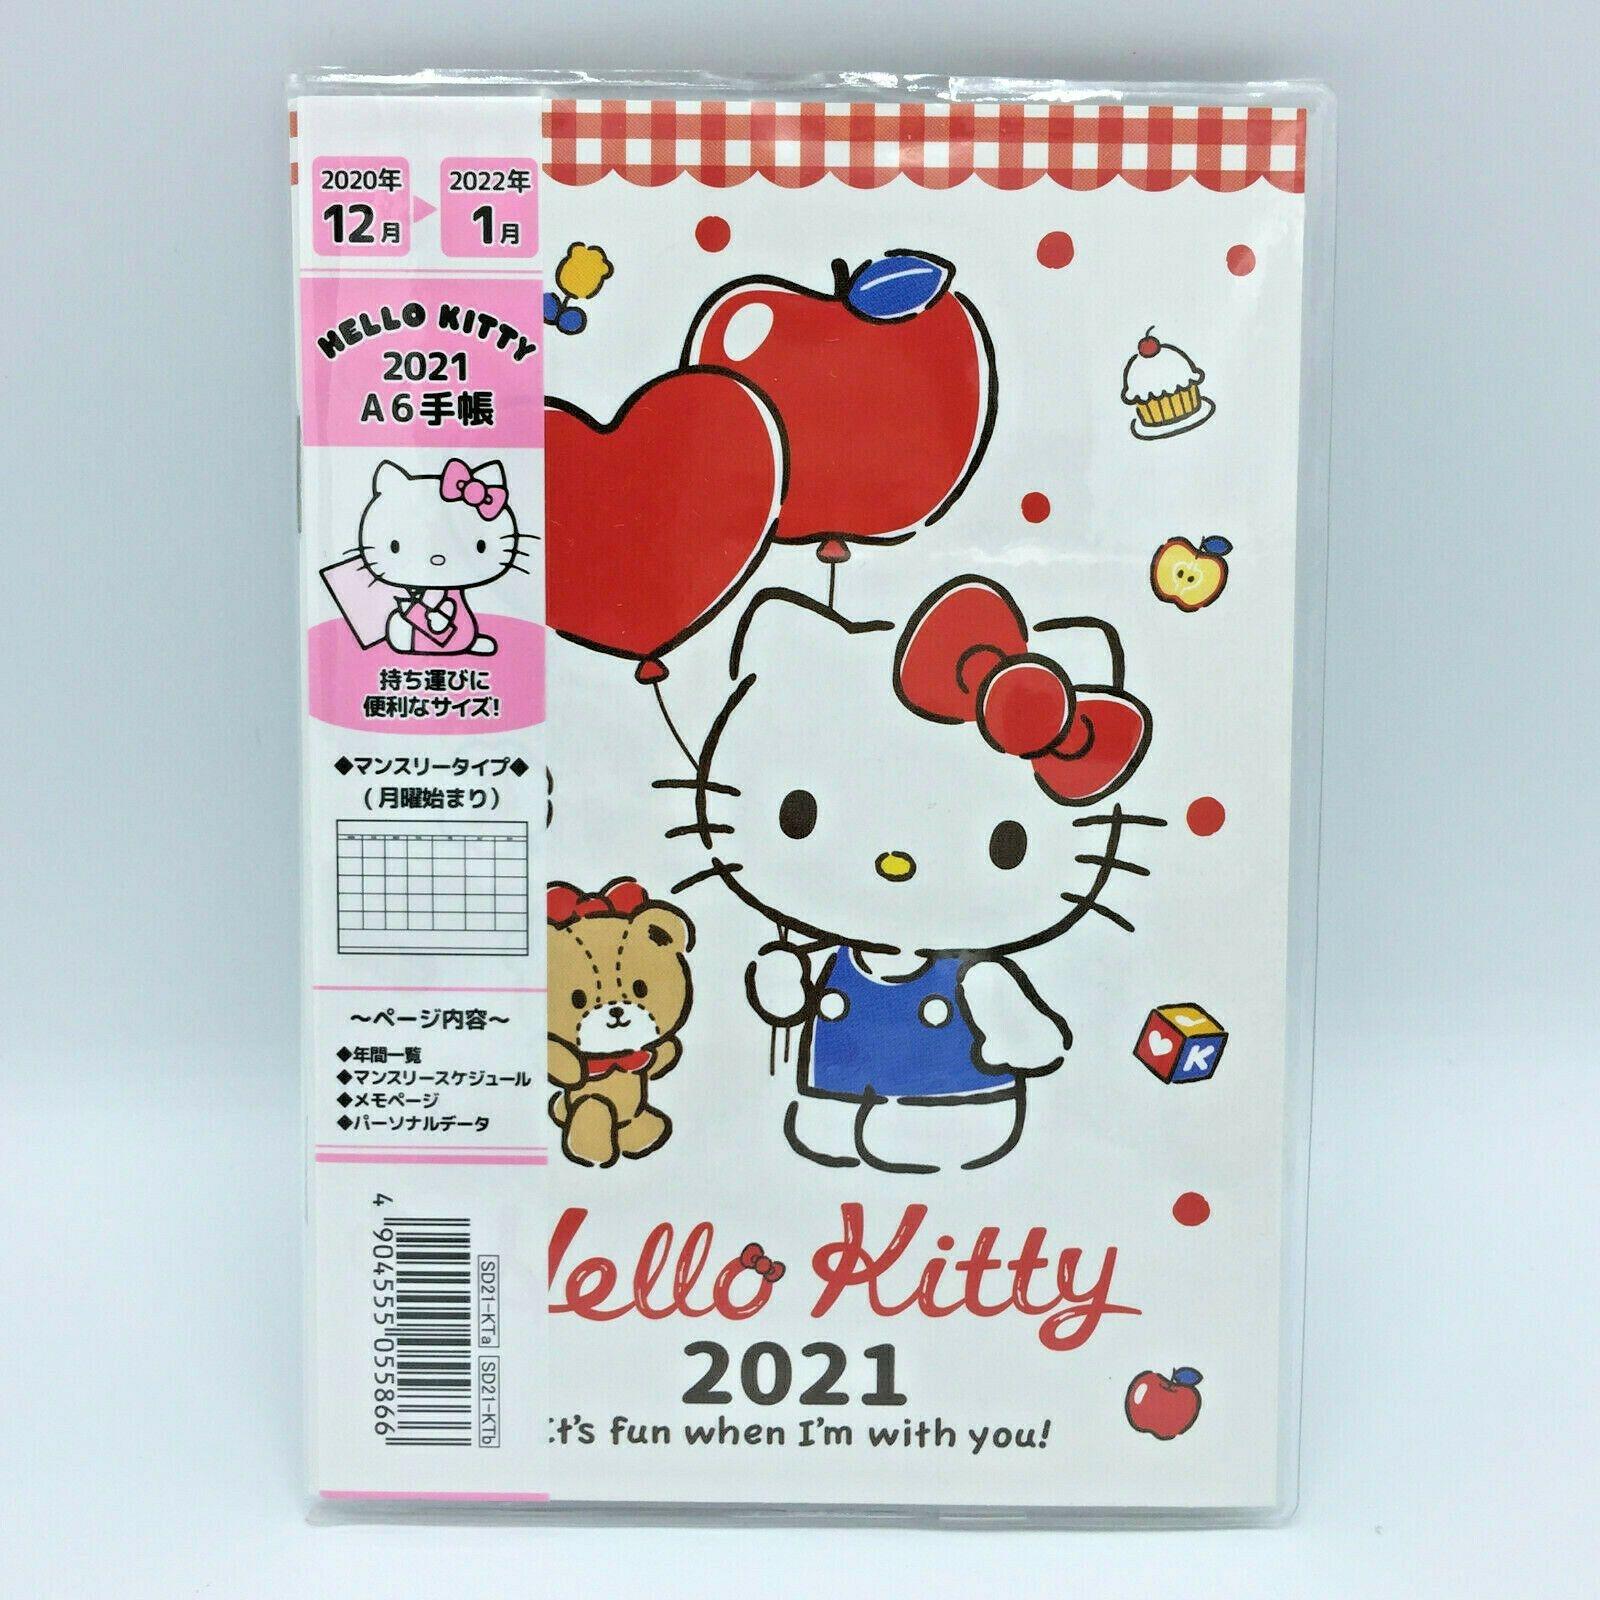 Sanrio Hello Kitty Calendar 2021 Schedule Book Diary Note - Usa Seller Ship  Fast